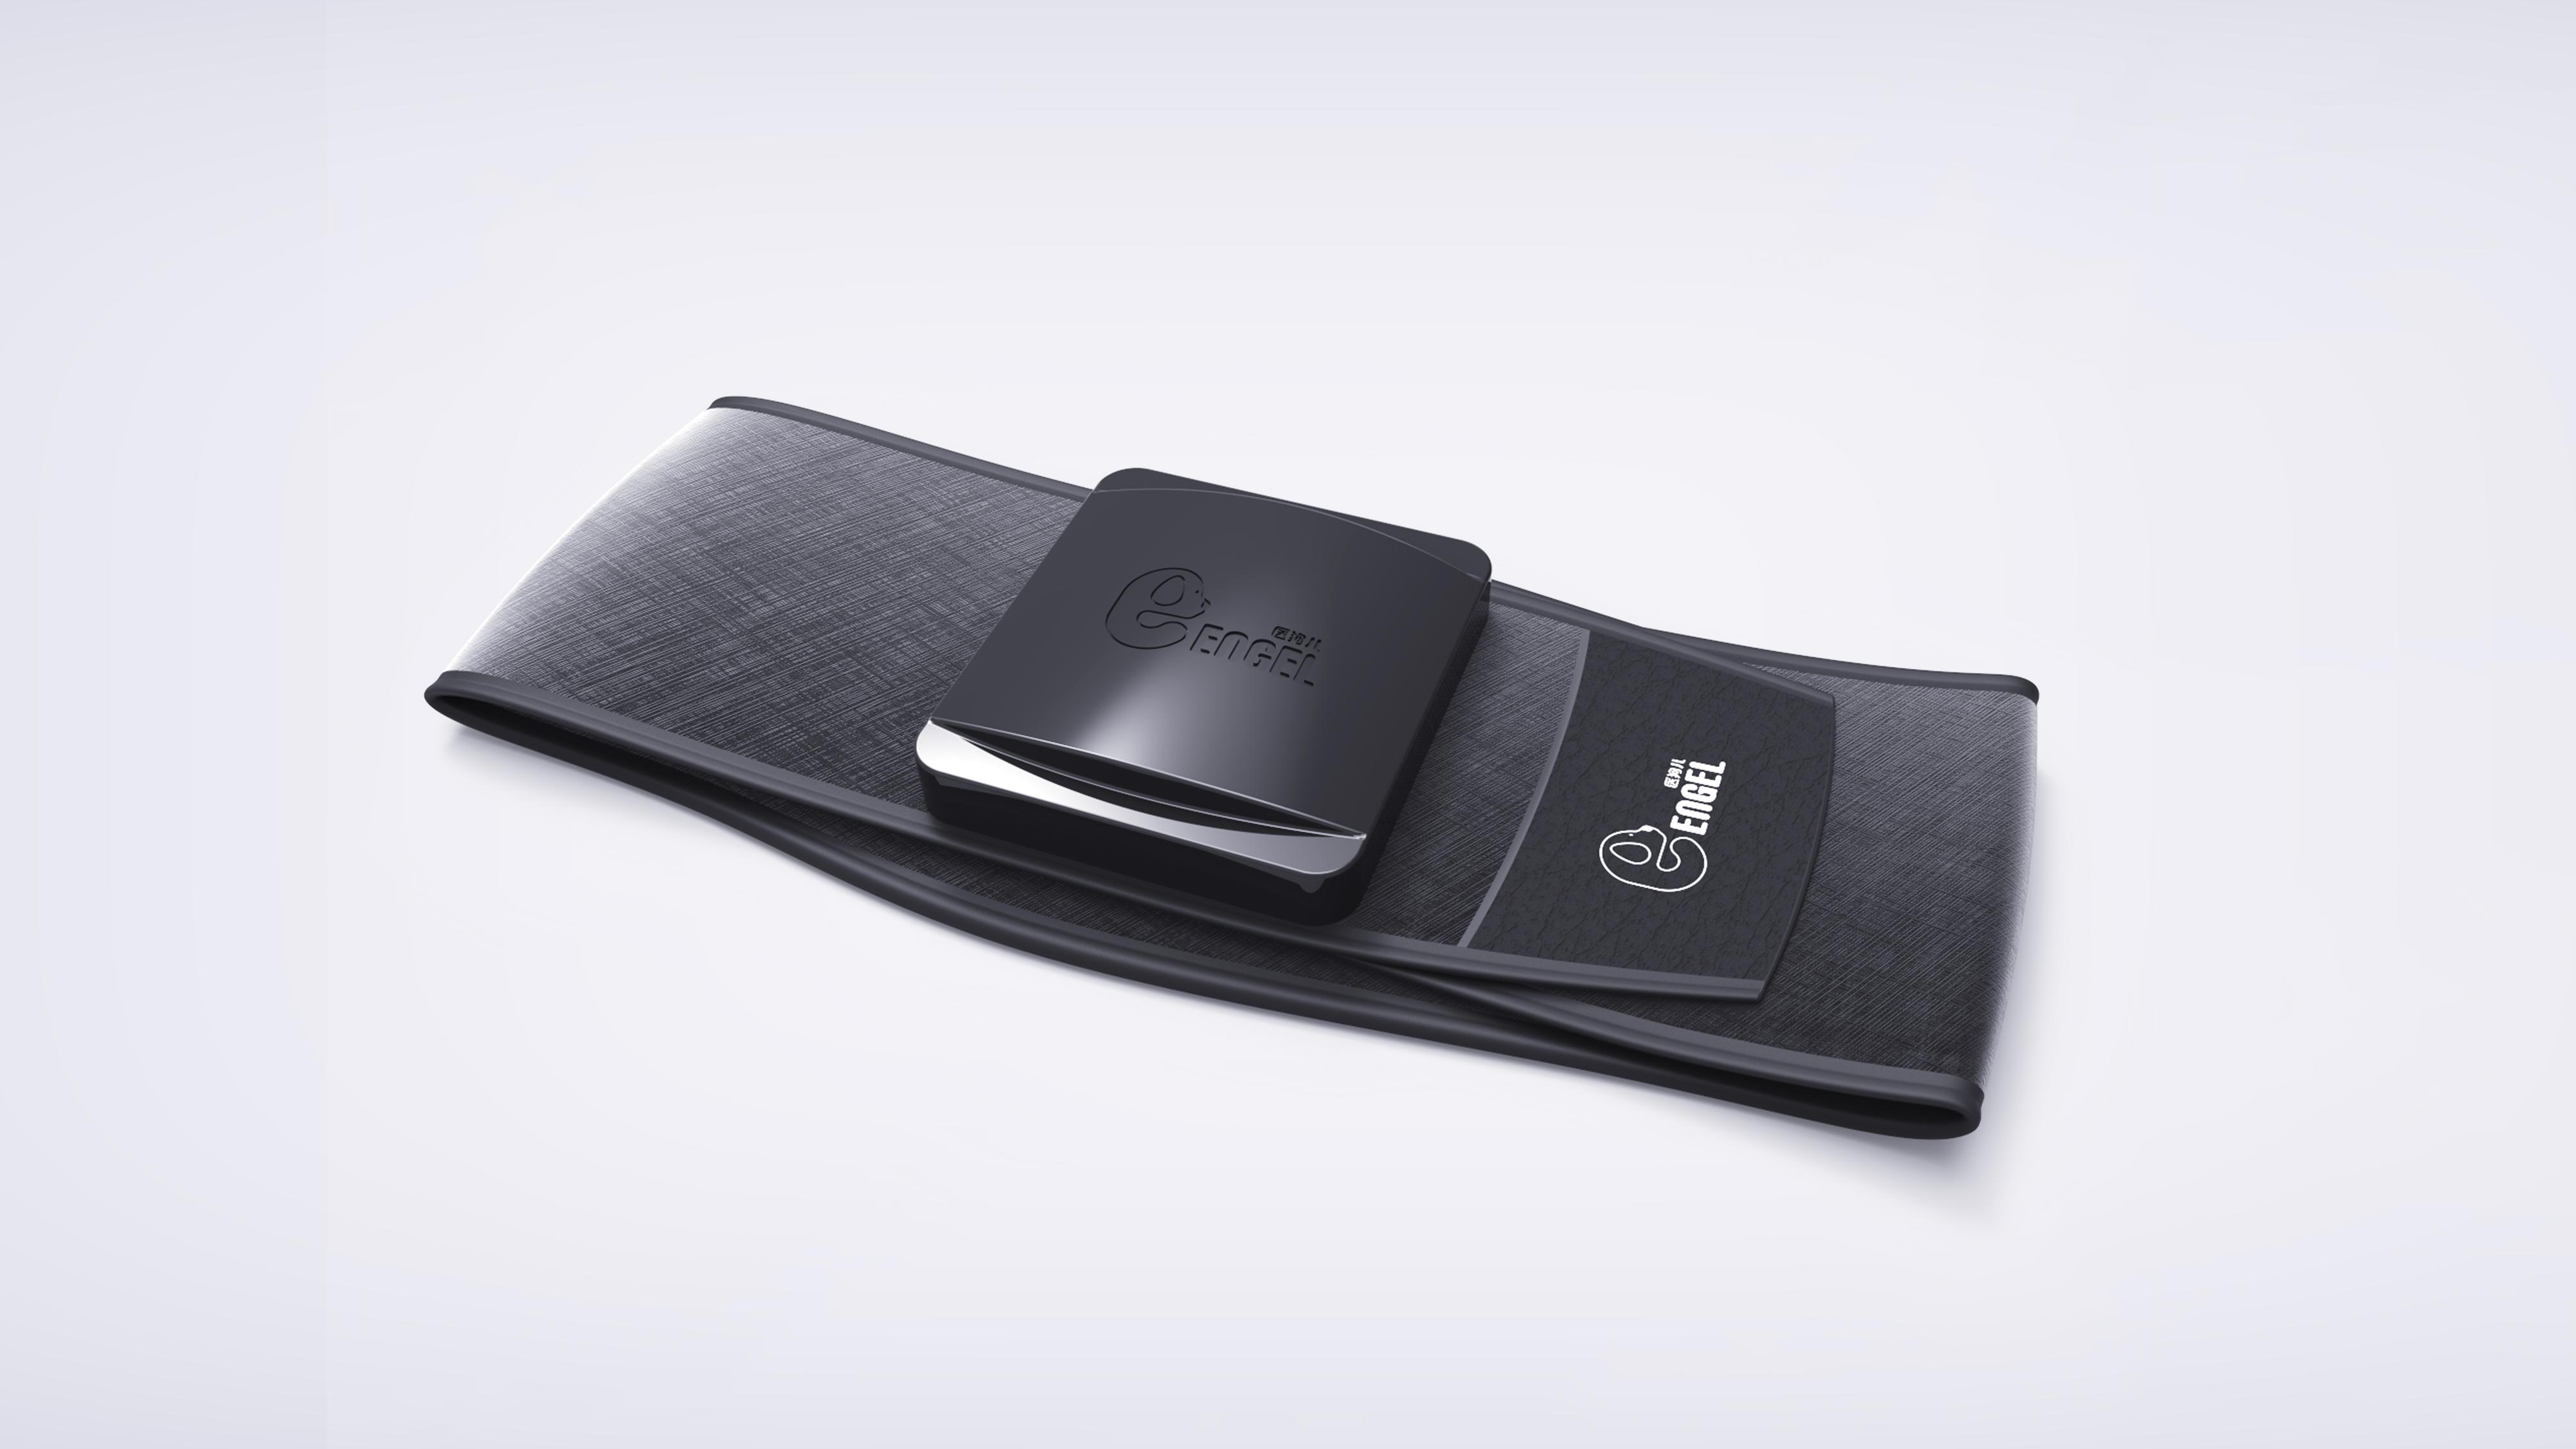 颈部治疗仪/医疗器材工业设计/上海医疗产品工业设计/医疗外形